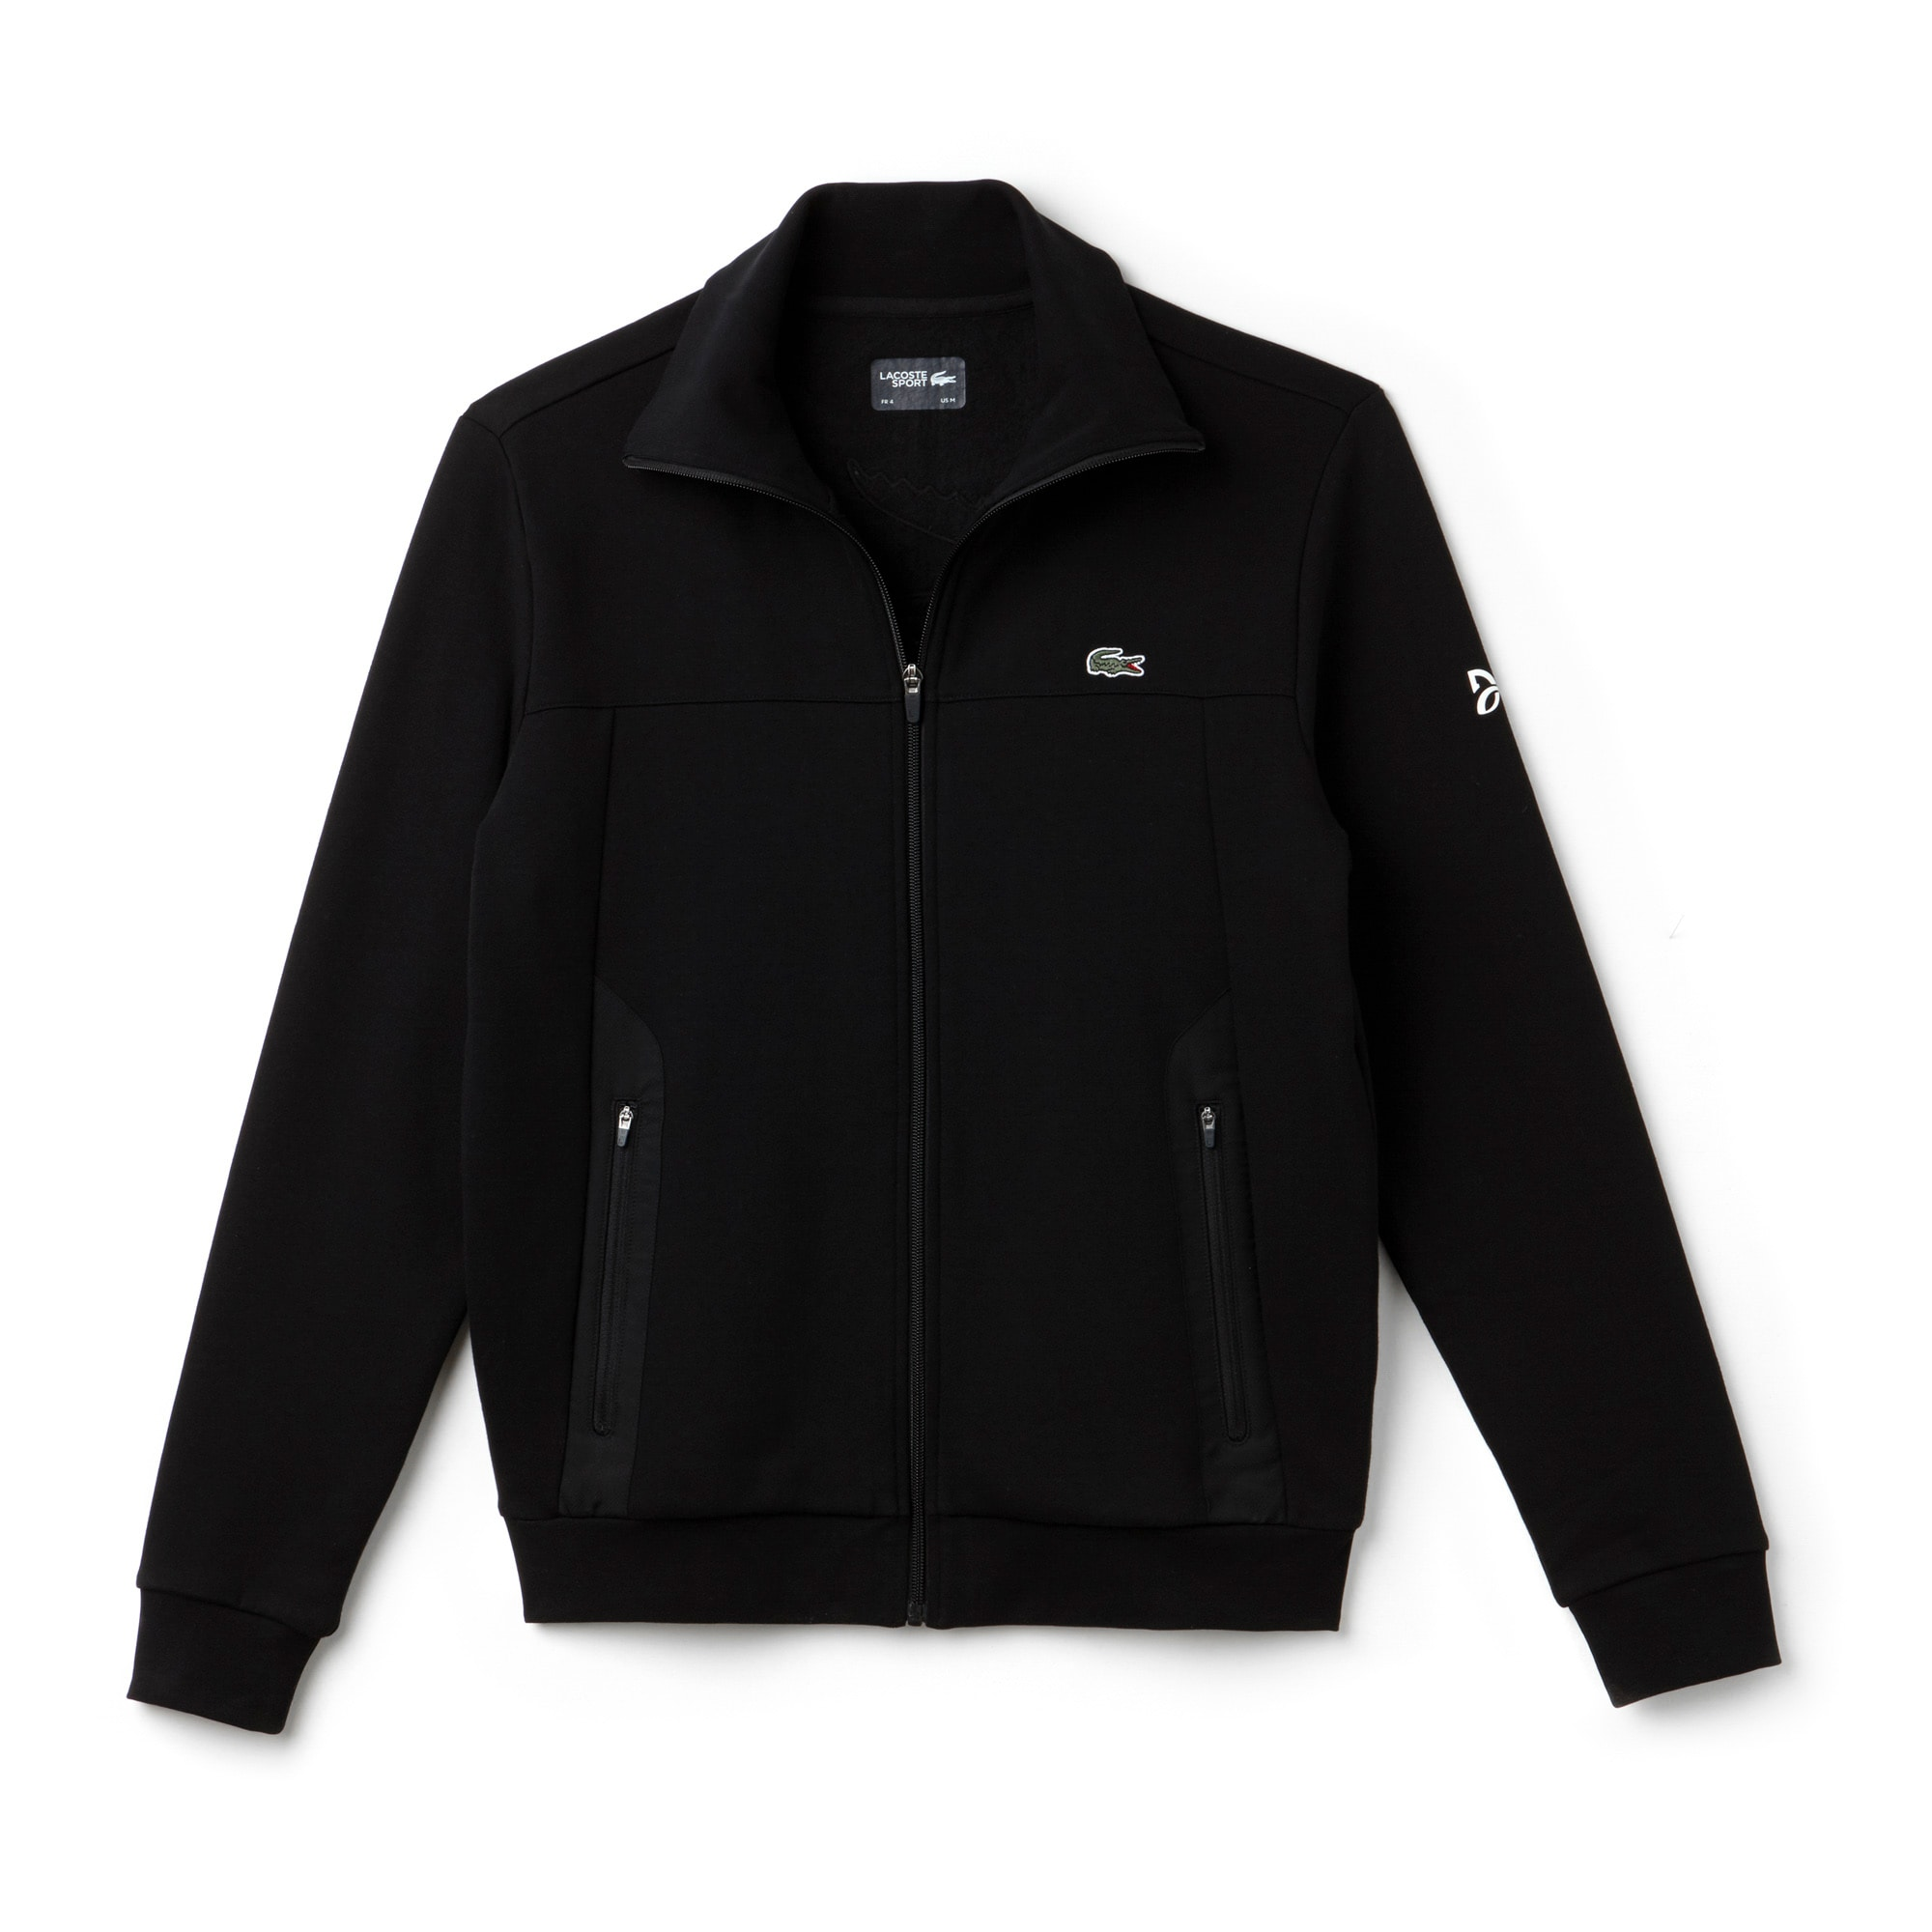 Men's SPORT Tennis Zippered Fleece Sweatshirt - Novak Djokovic Supporter Collection